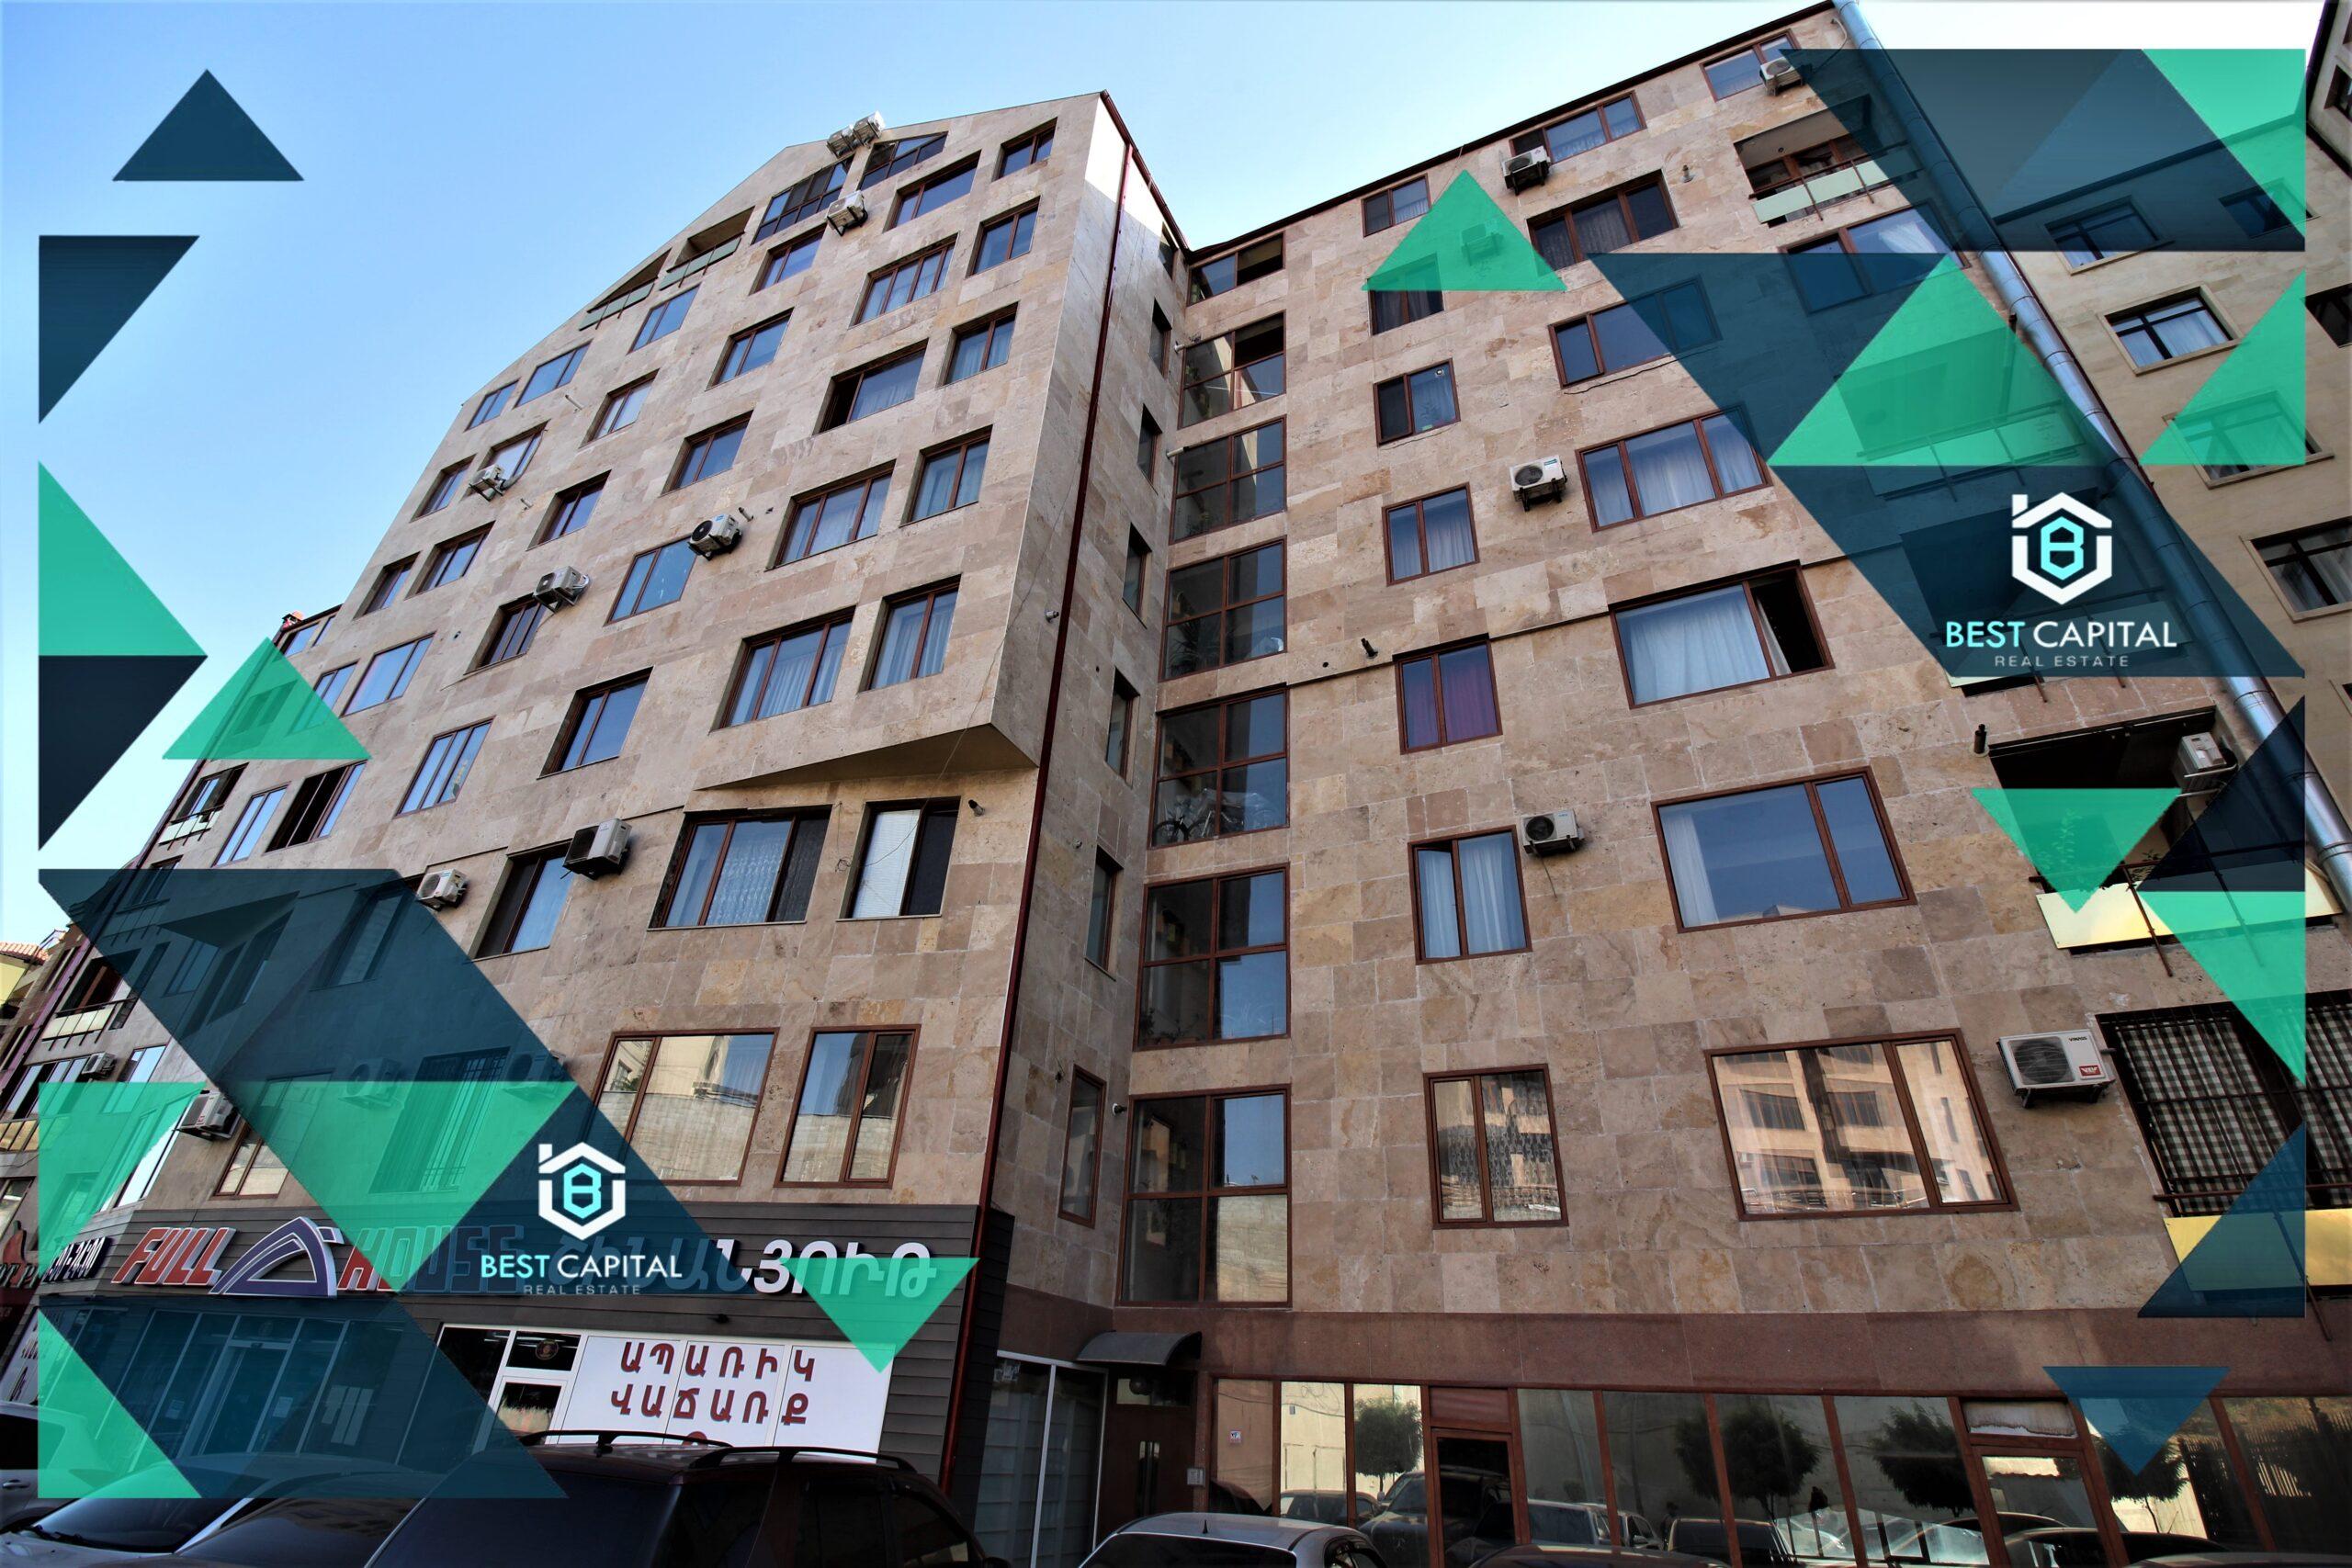 Աննախադեպ առաջարկ անշարժ գույքի շուկայում կապիտալ վերանորոգված  բնակարան  KR117